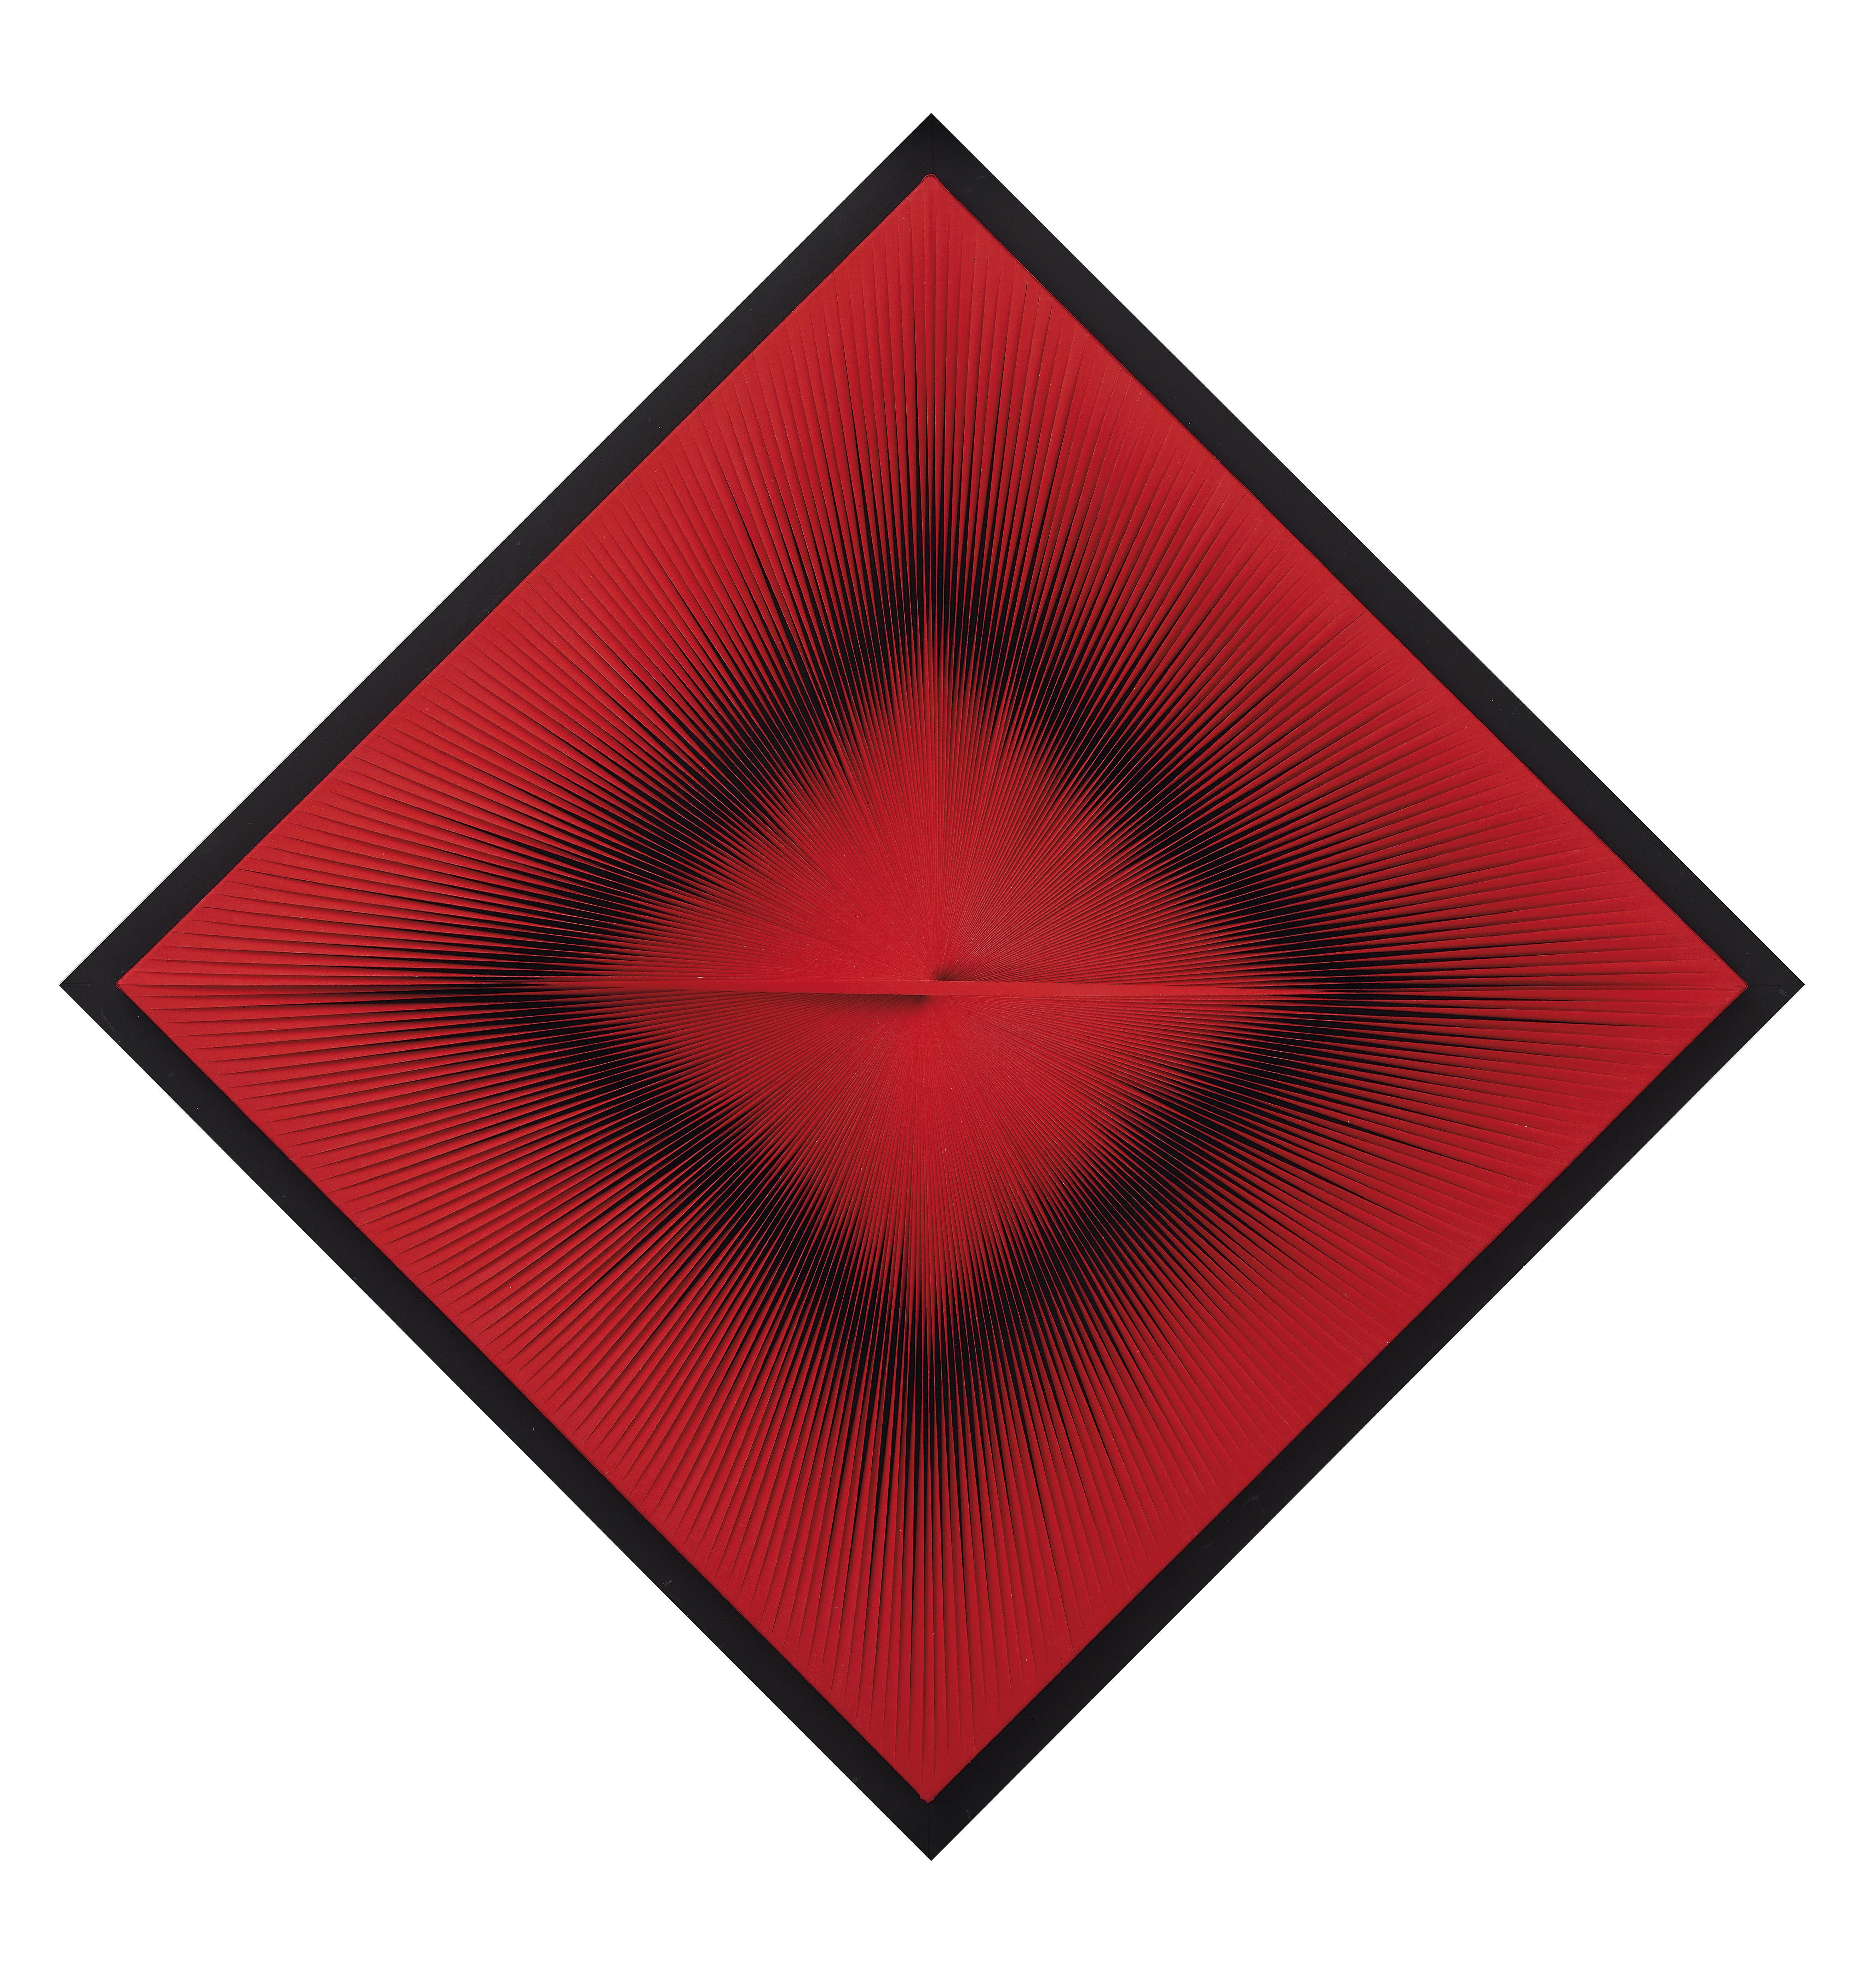 Toni Costa, Estructura óptico-dinámica roja, 1965